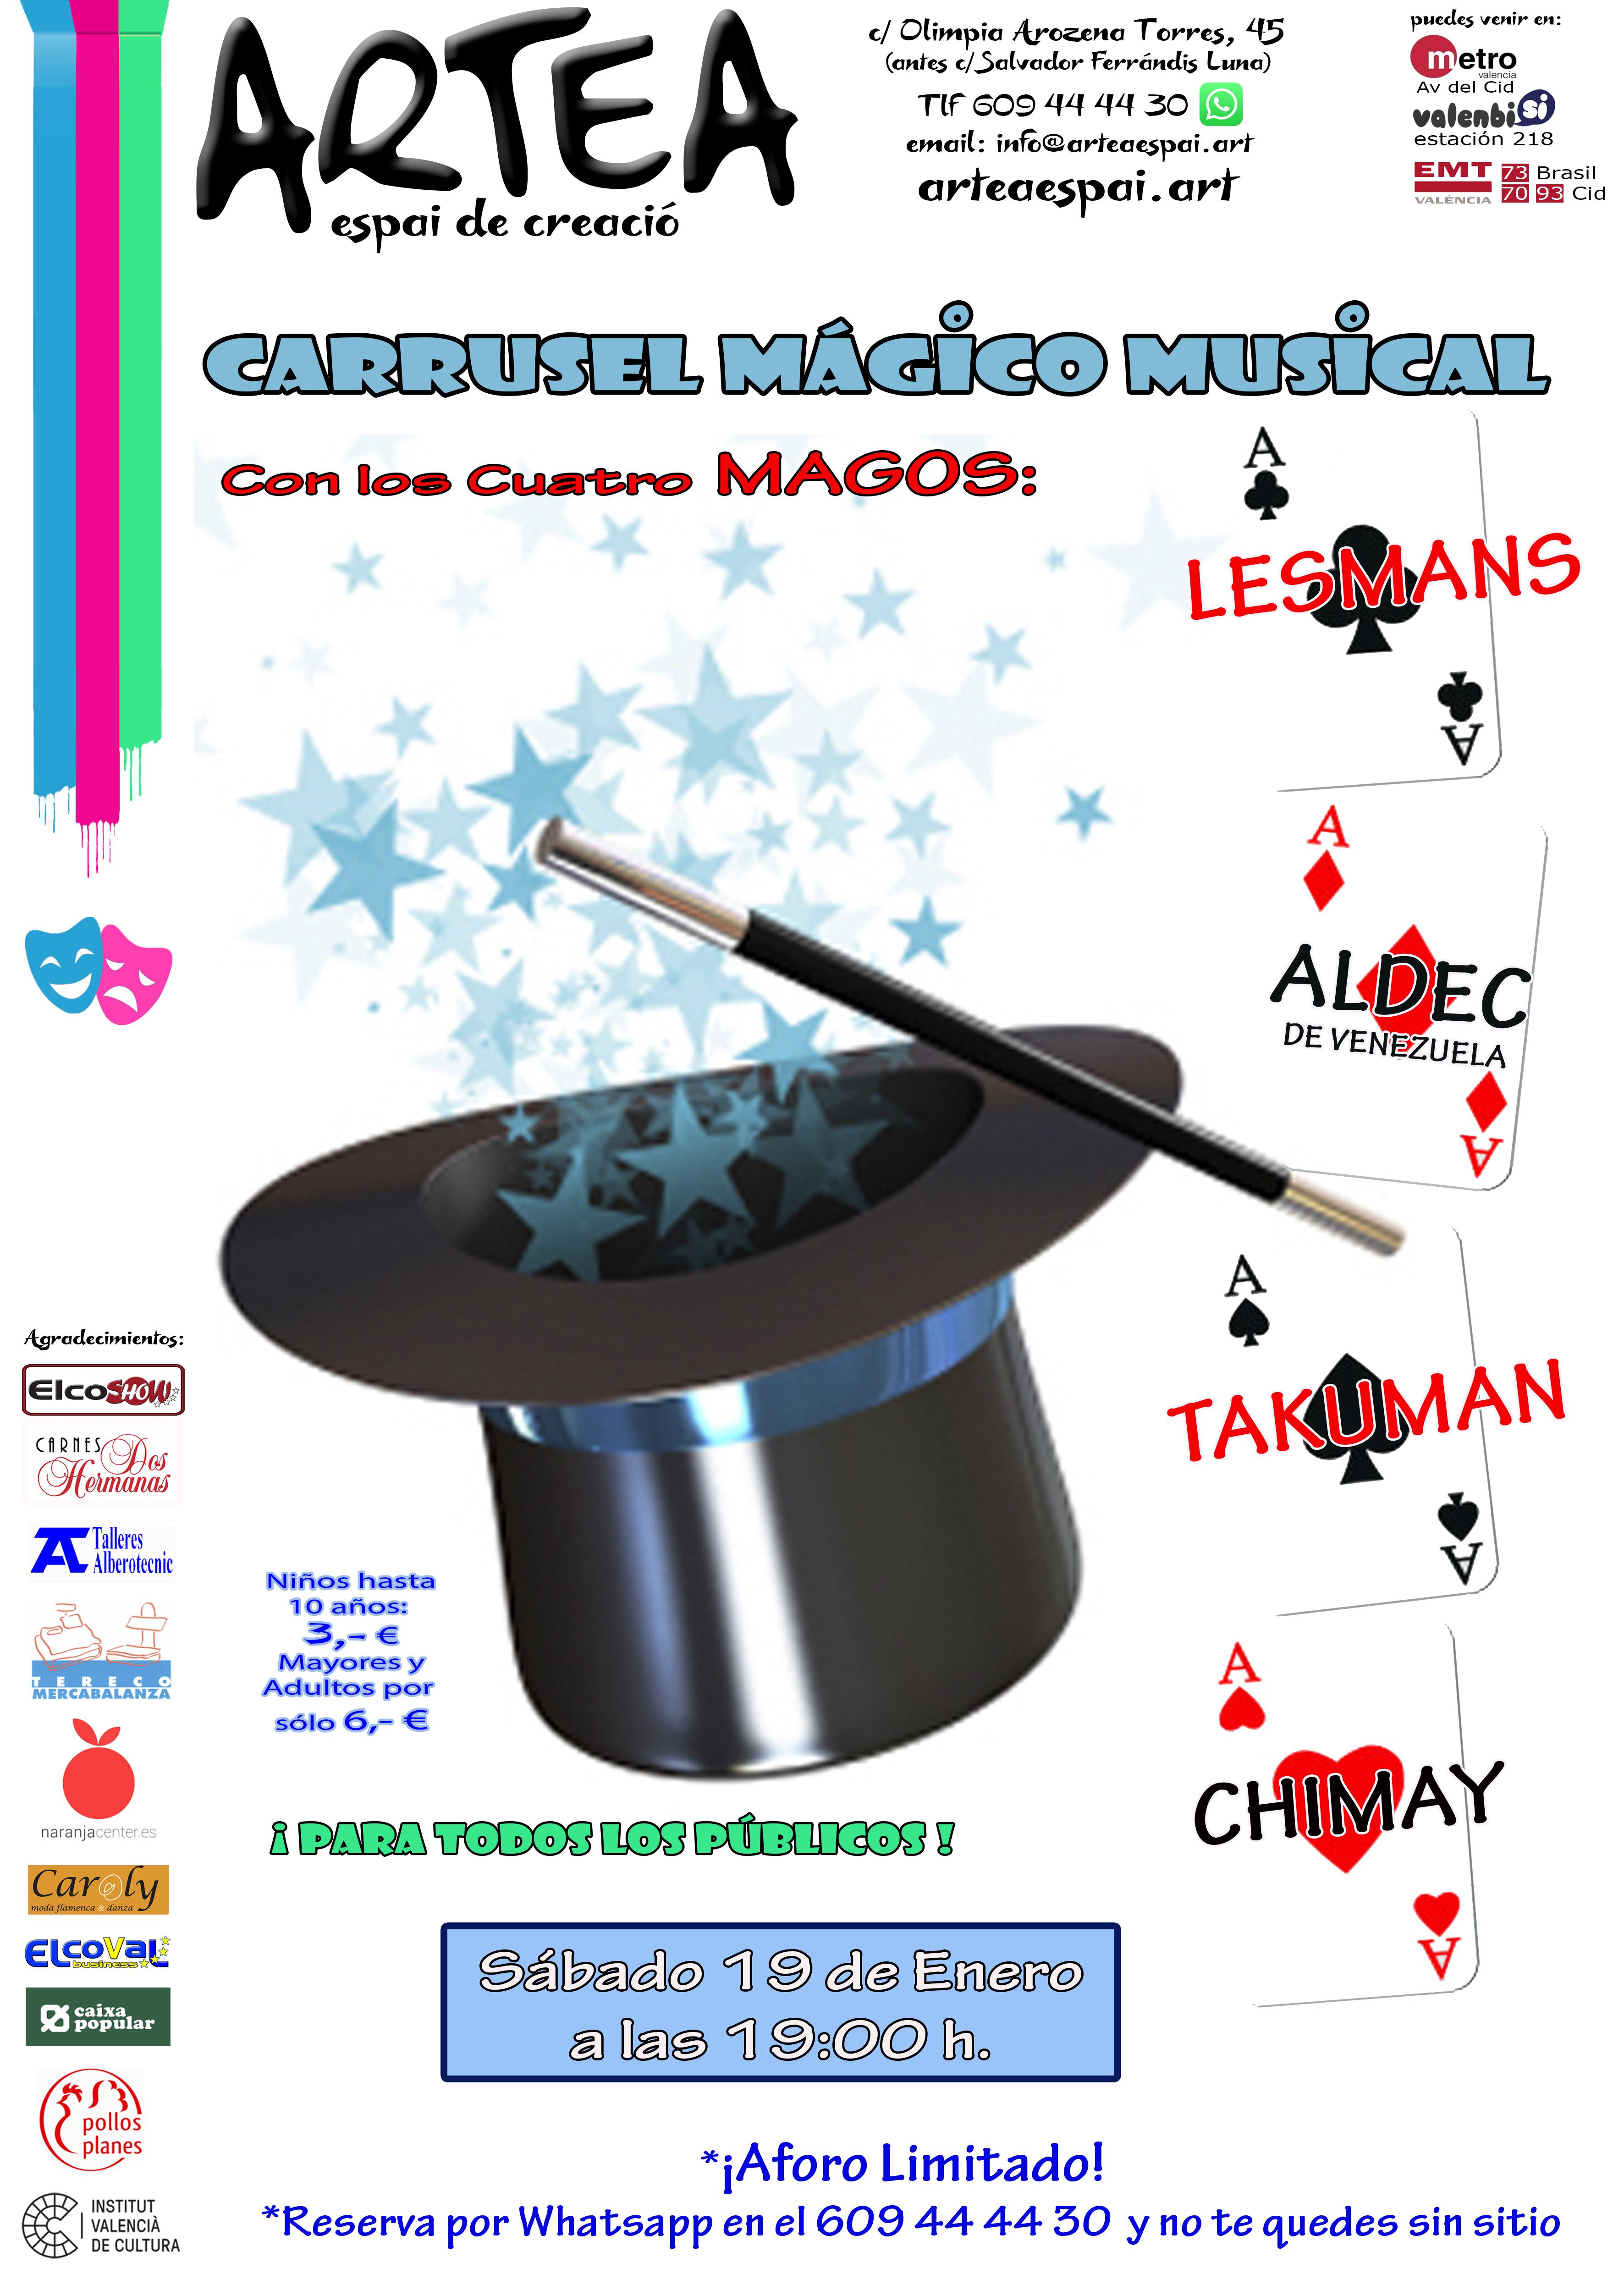 Cartel A3 Artea CARRUSEL MAGICO